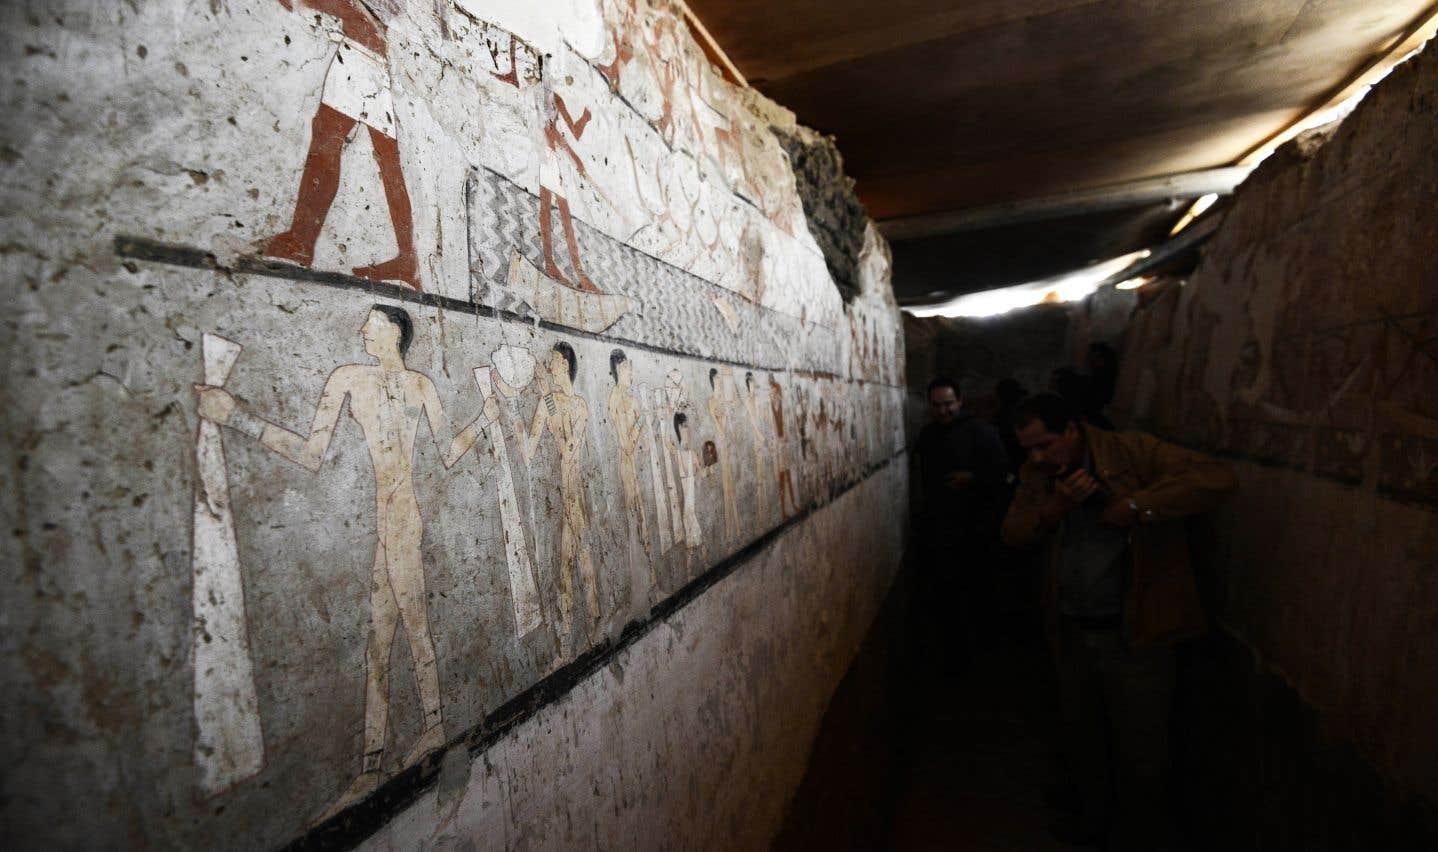 La tombe faite en briques crues comprend des peintures murales bien conservées représentant Heptet.